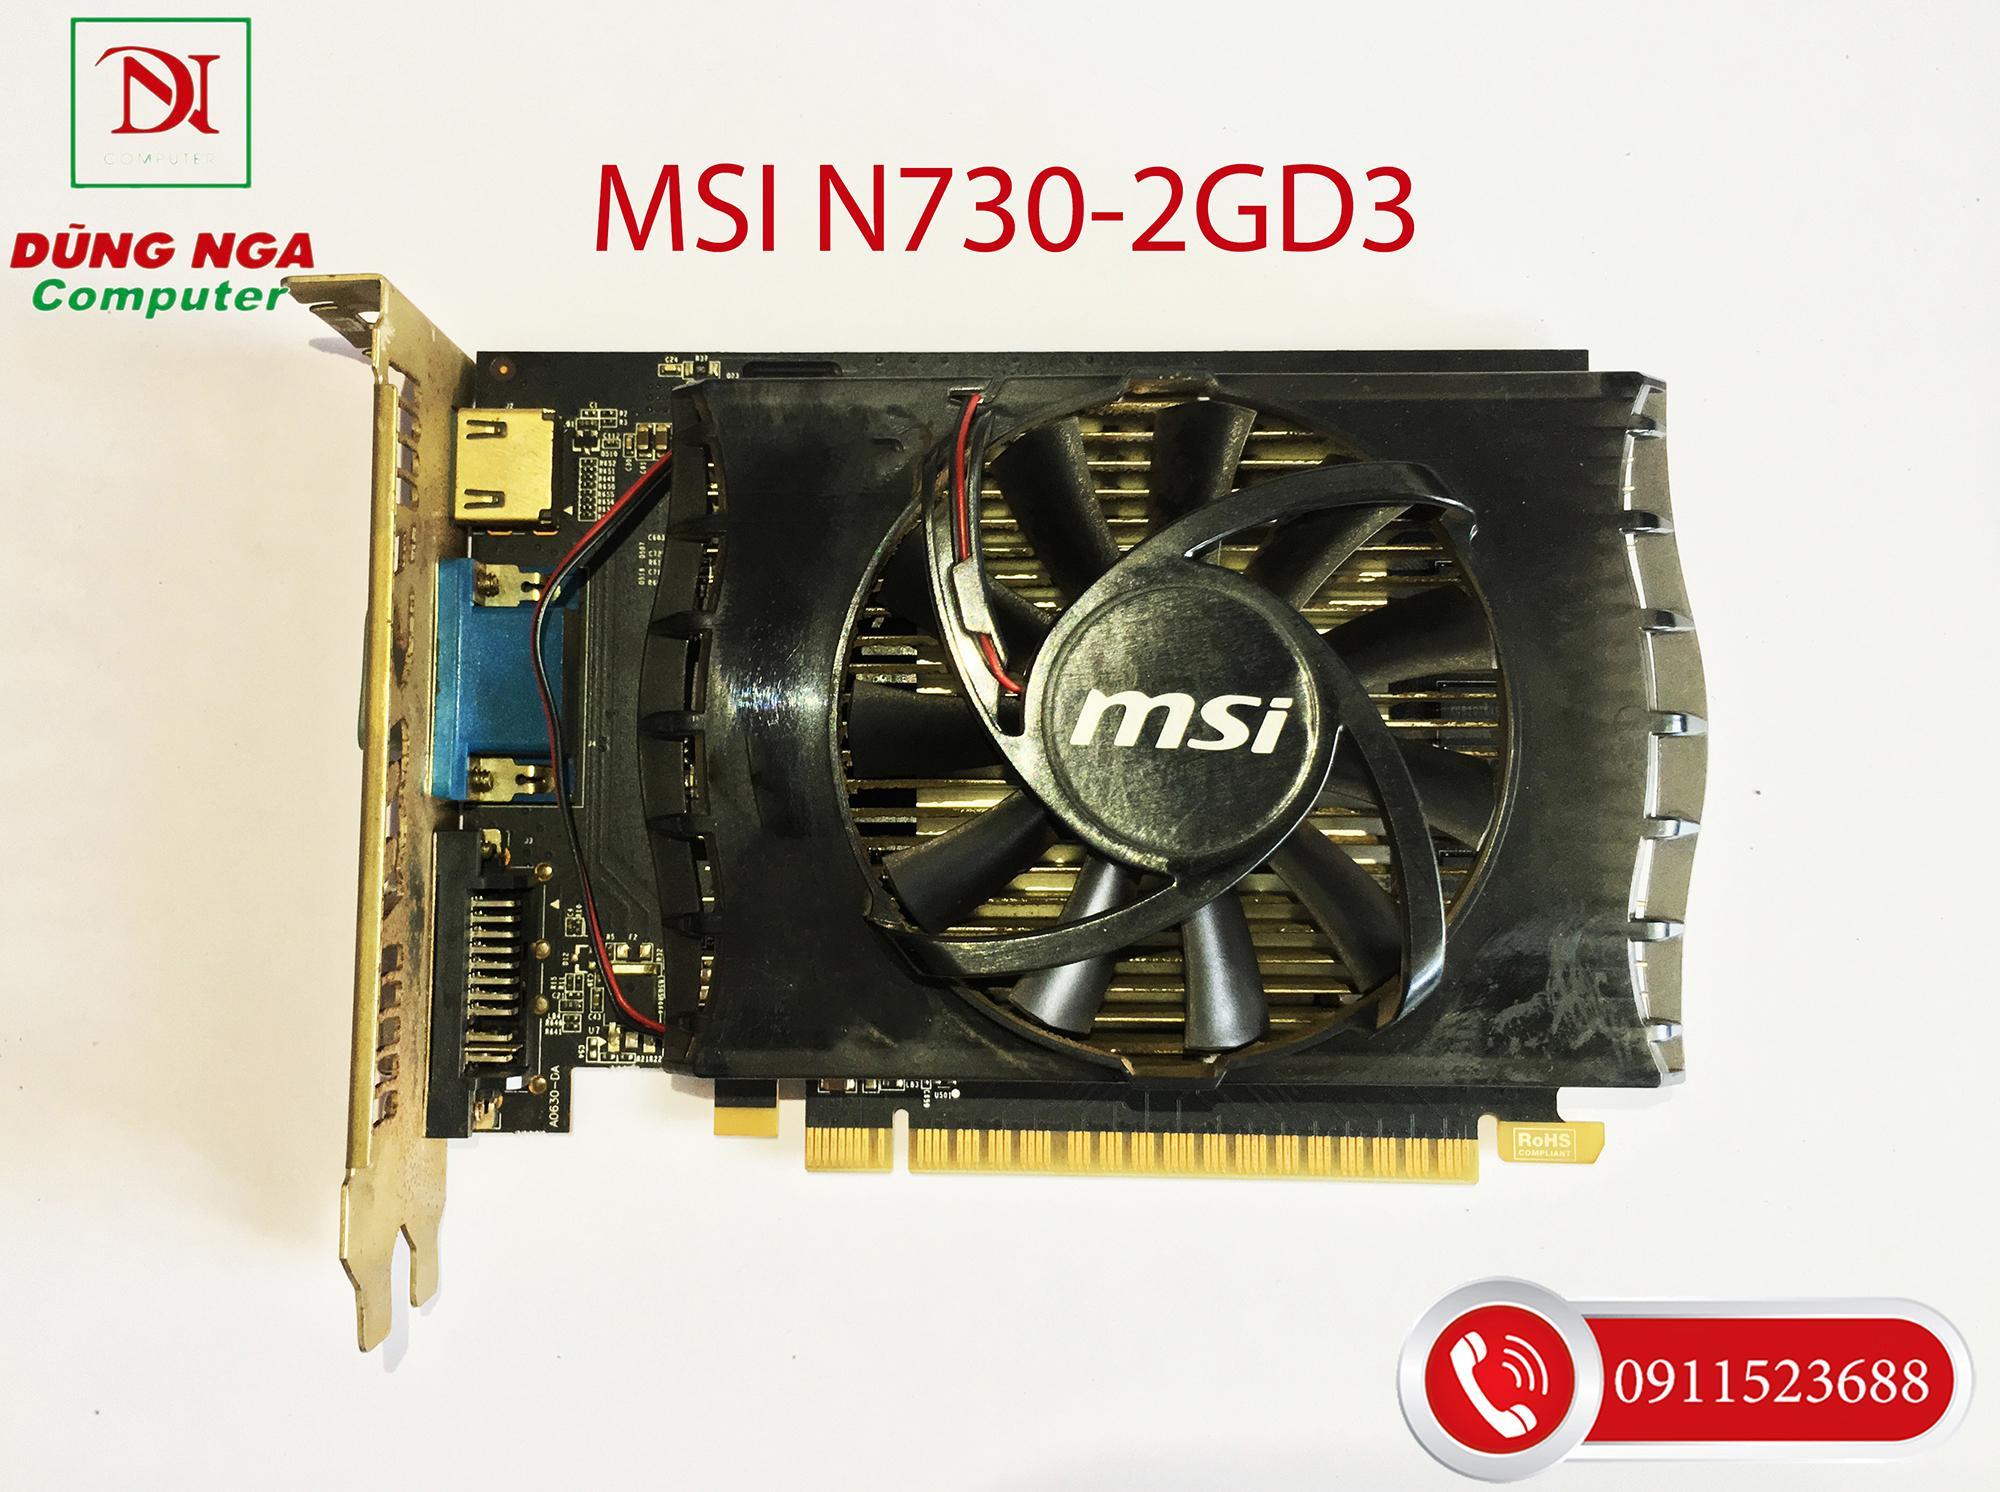 Card màn hình MSI N730-2GD3